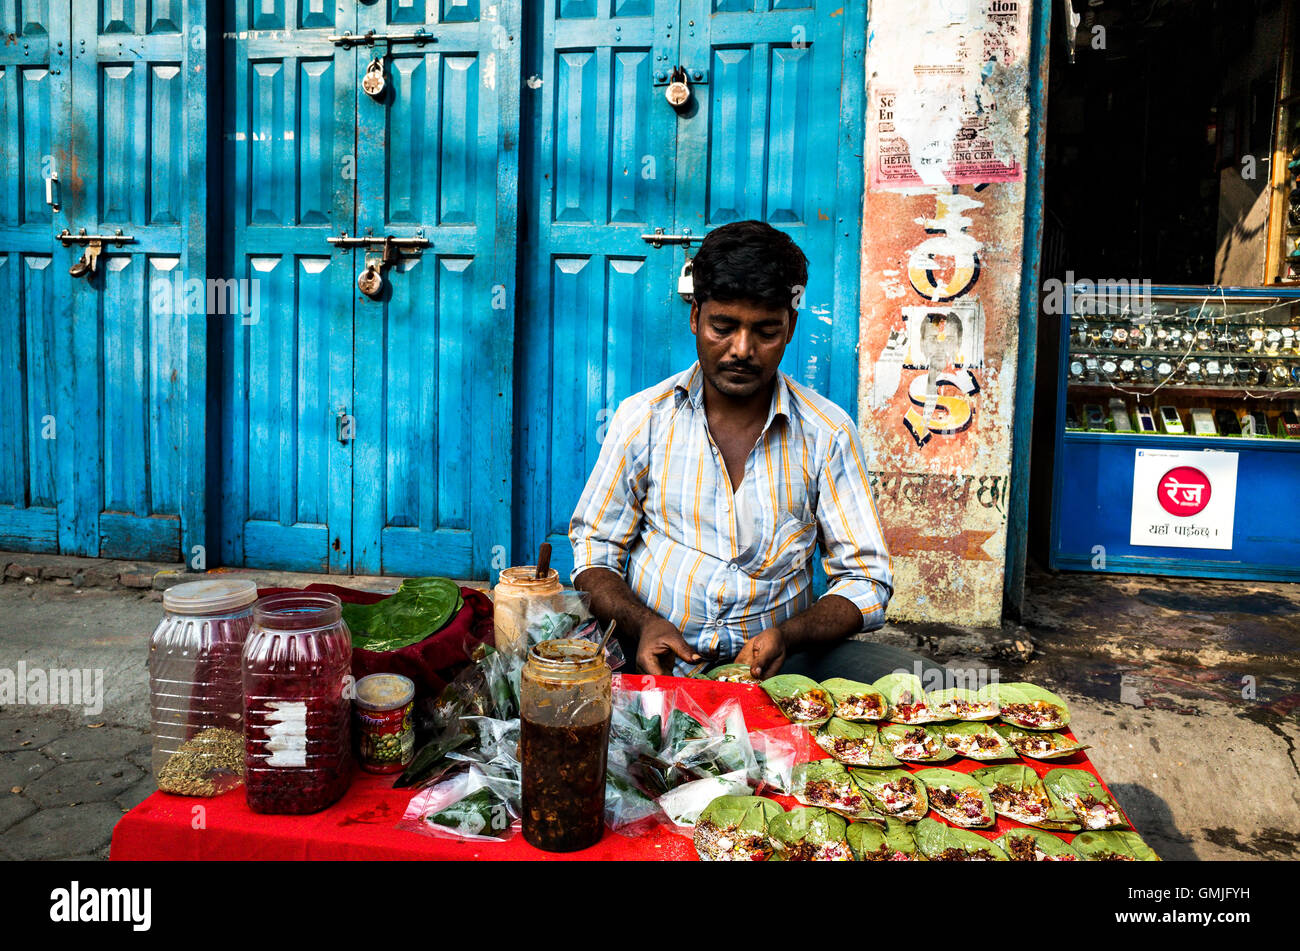 Viajes Indios retrato de un hombre de mediana edad de 30-40 años de edad vendiendo Paan en la calle Imagen De Stock